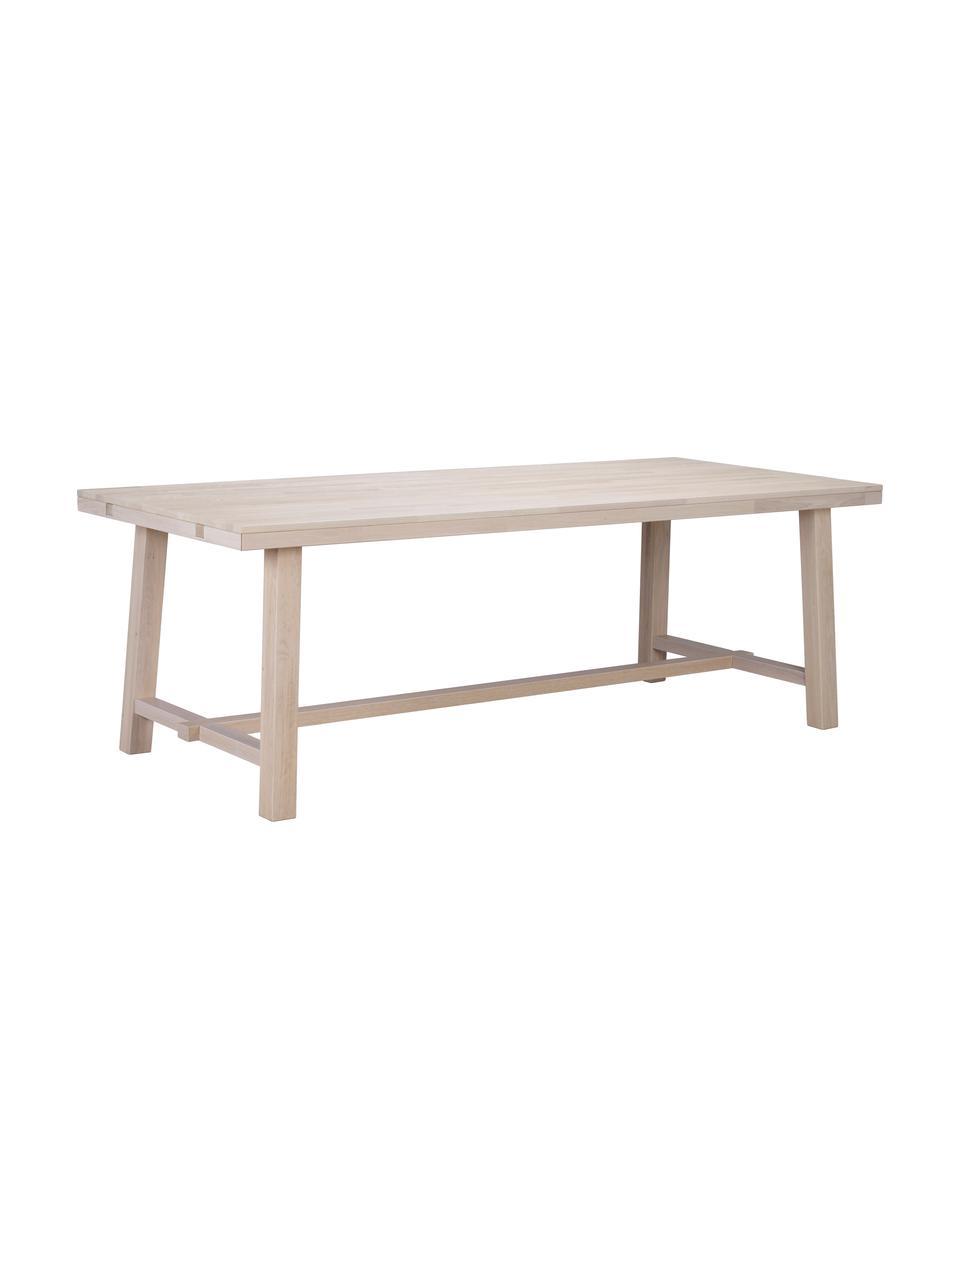 Stół do jadalni z blatem litego drewna  Brooklyn, Lite drewno dębowe, bielone i olejowane, Drewno dębowe, biały postarzany, S 220 x G 95 cm